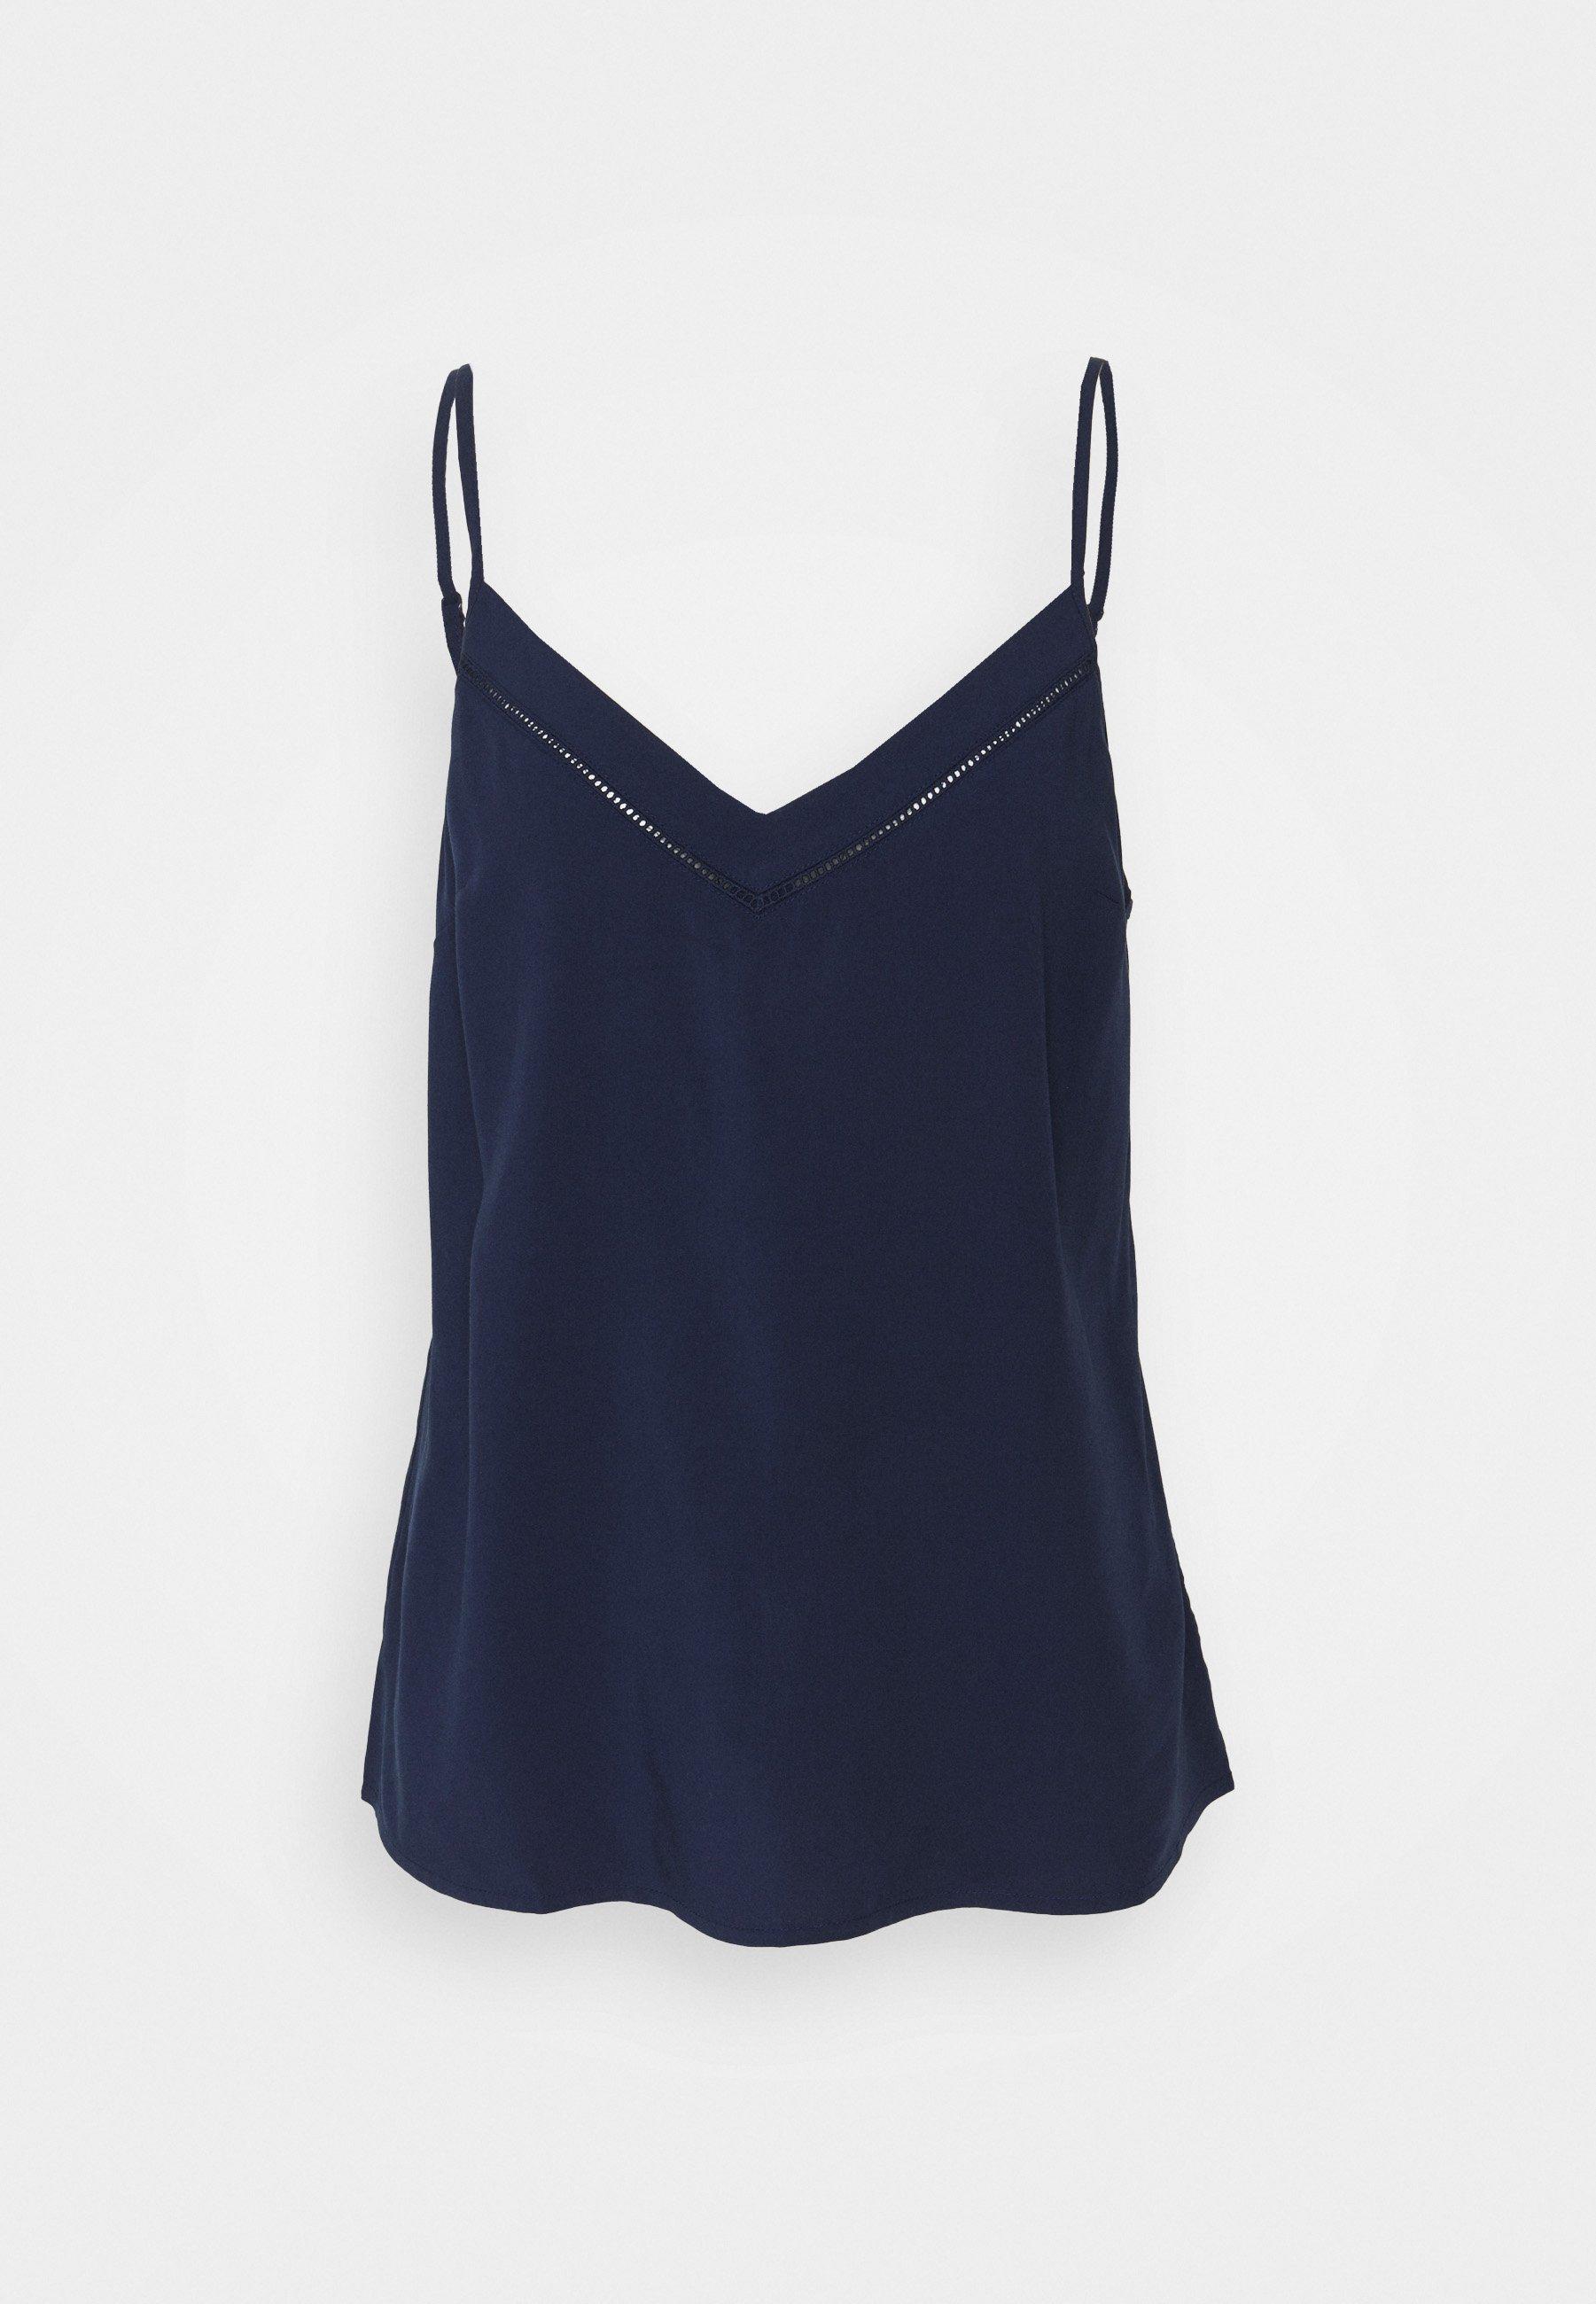 Damen SONGE TOP - Nachtwäsche Shirt